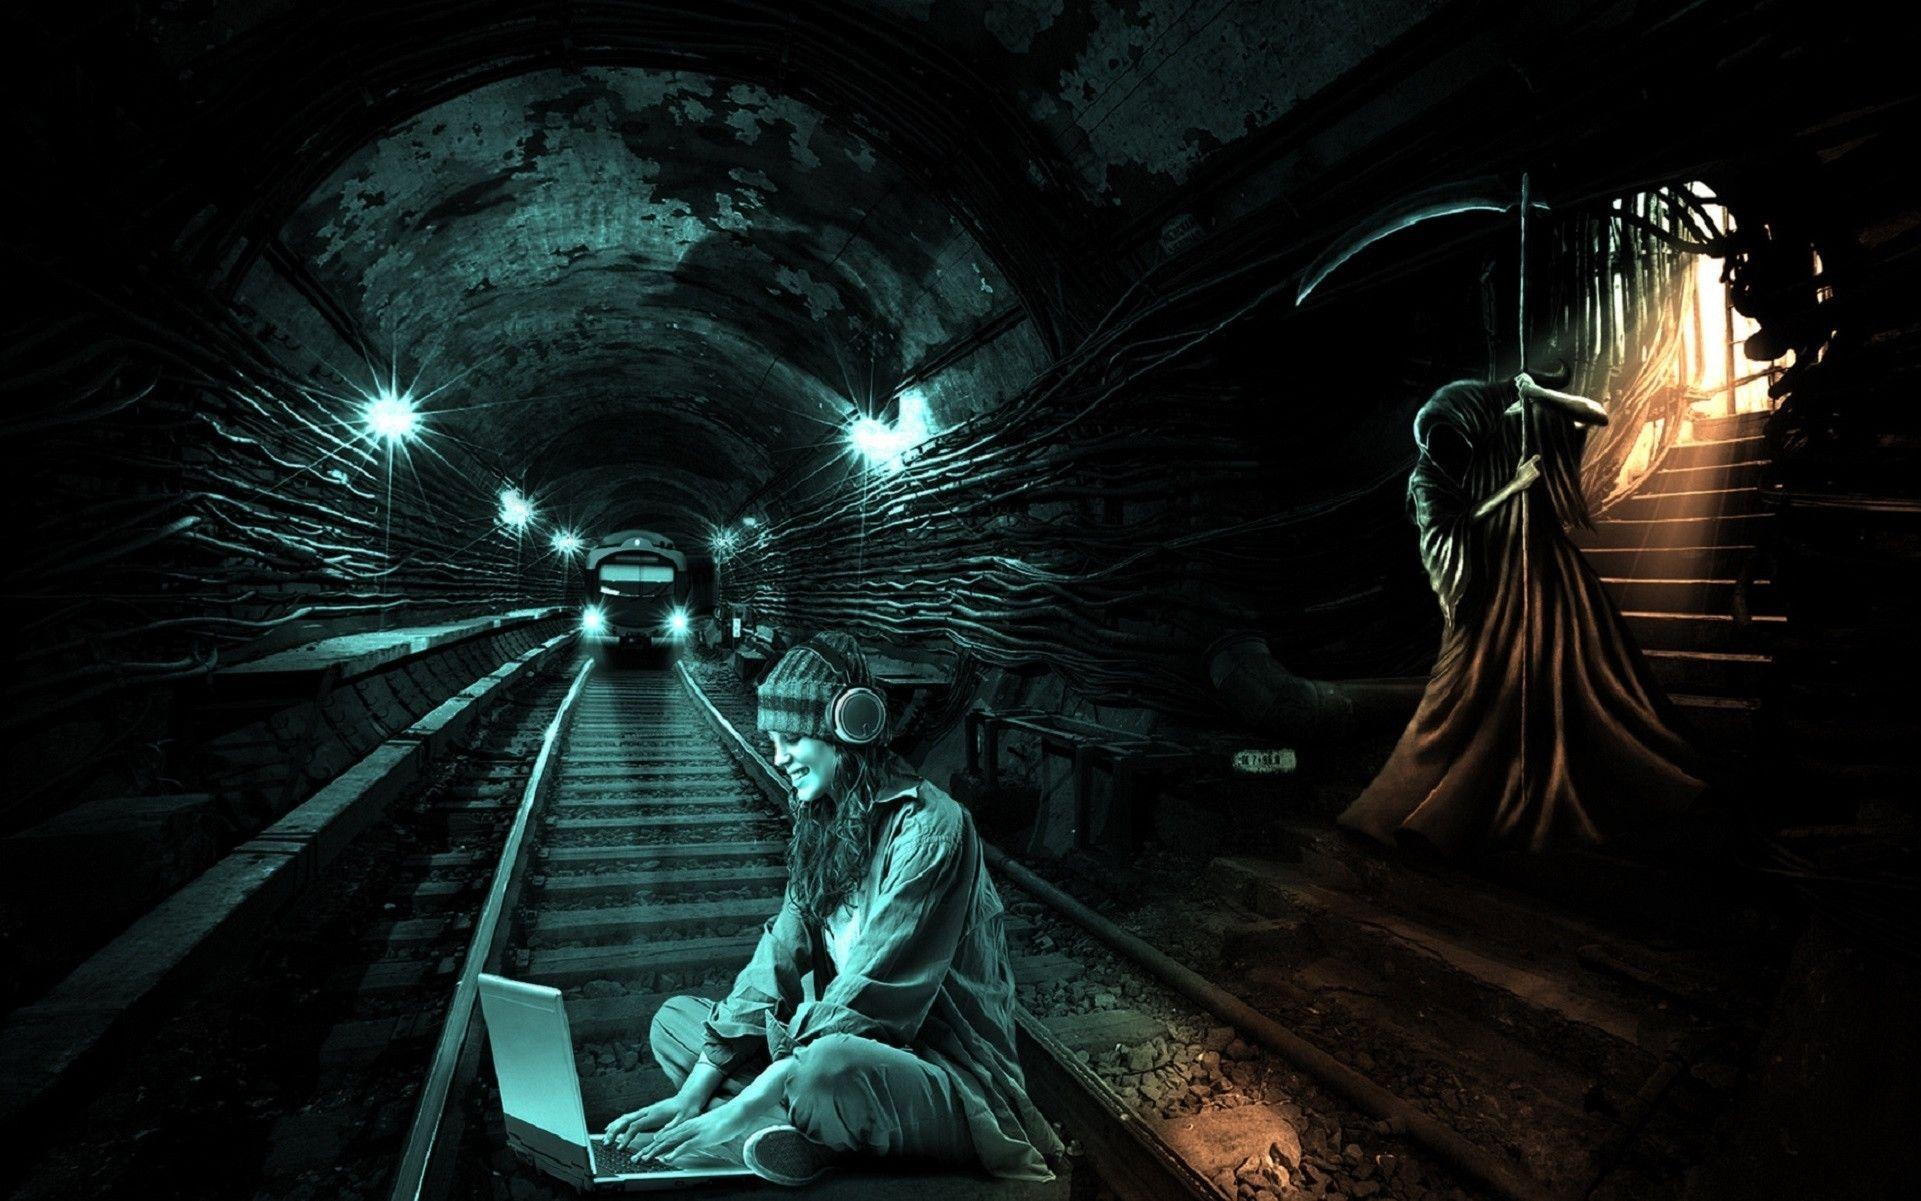 Female Grim Reaper Wallpapers - Wallpaper Cave